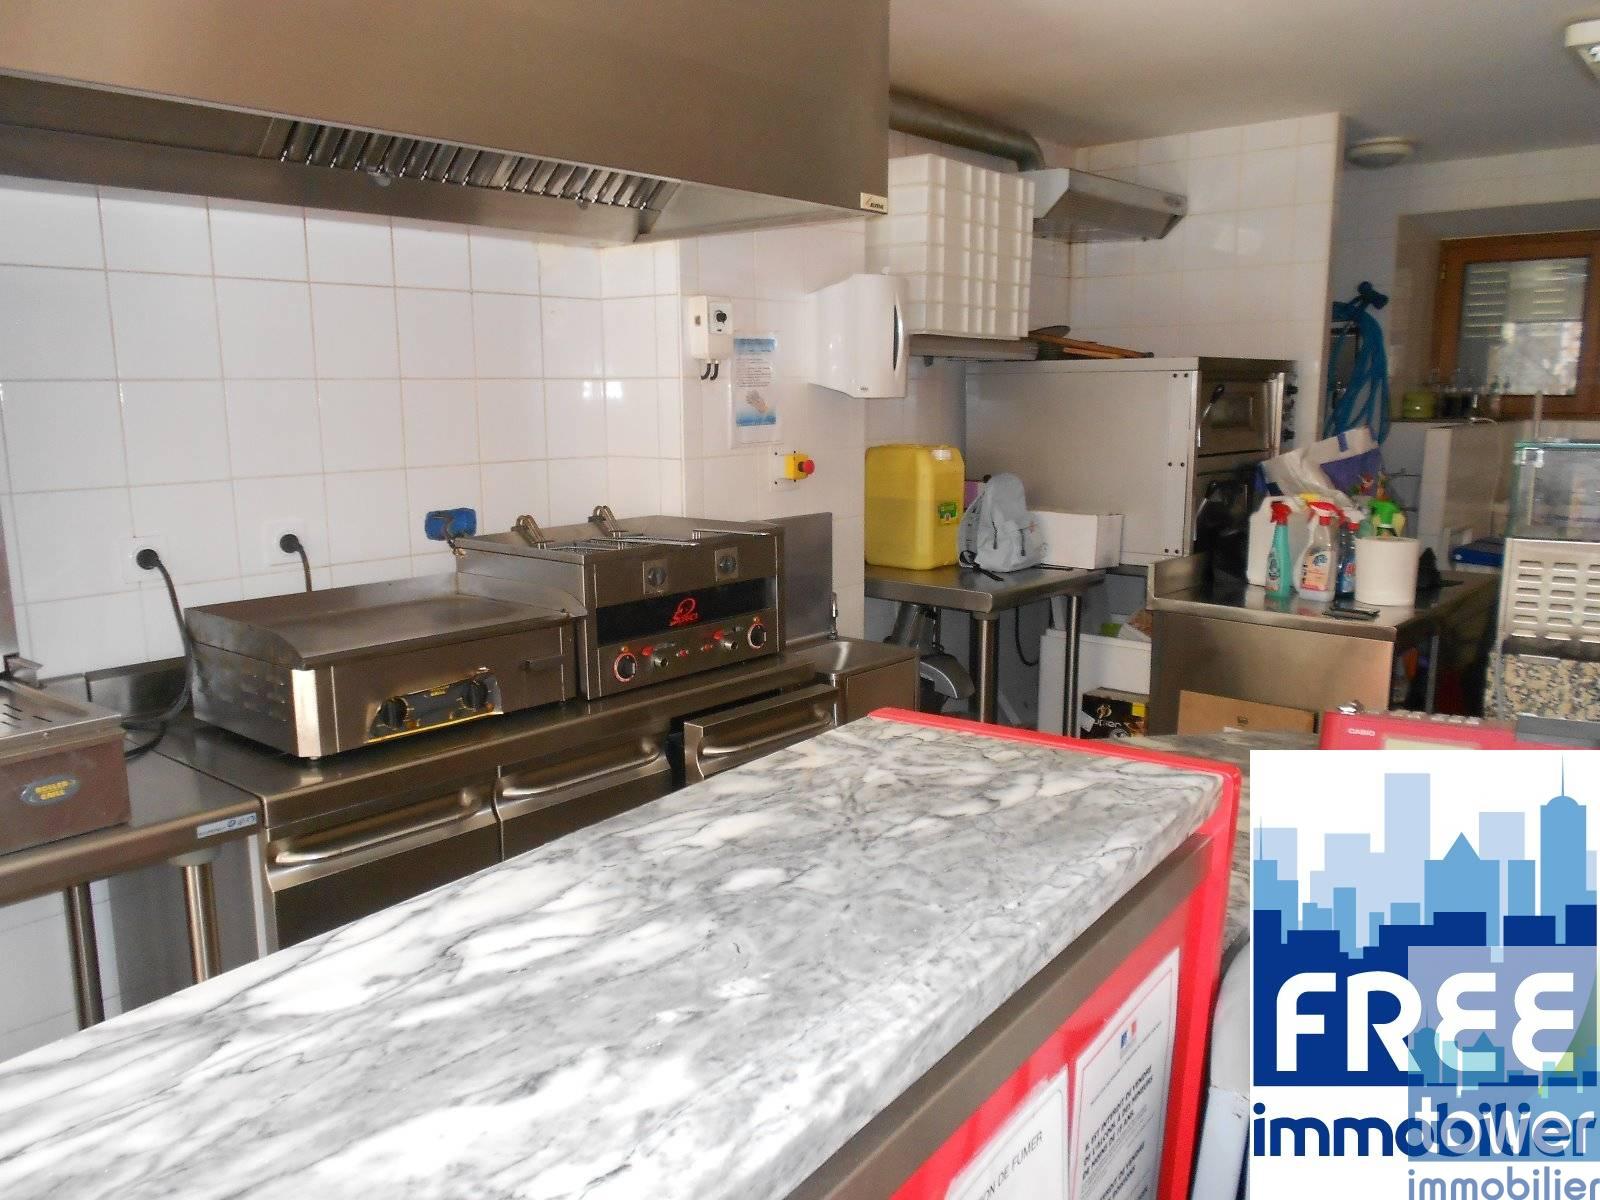 Vente Immobilier Professionnel Local commercial Bagnères-de-Luchon (31110)